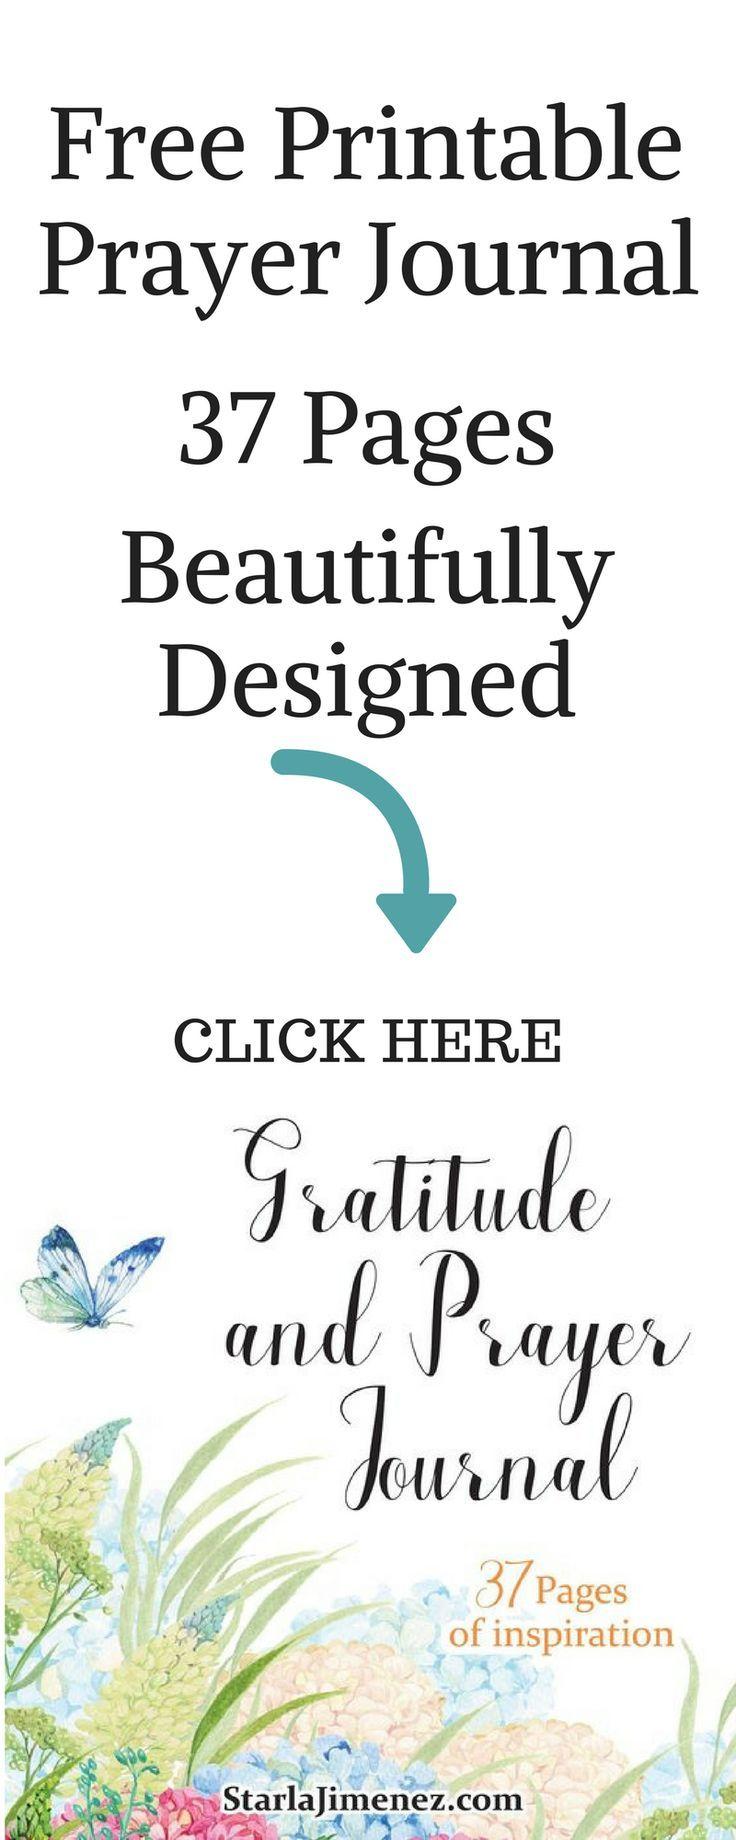 30 Days of Gratitude and Prayer Challenge - | Printable prayers ...